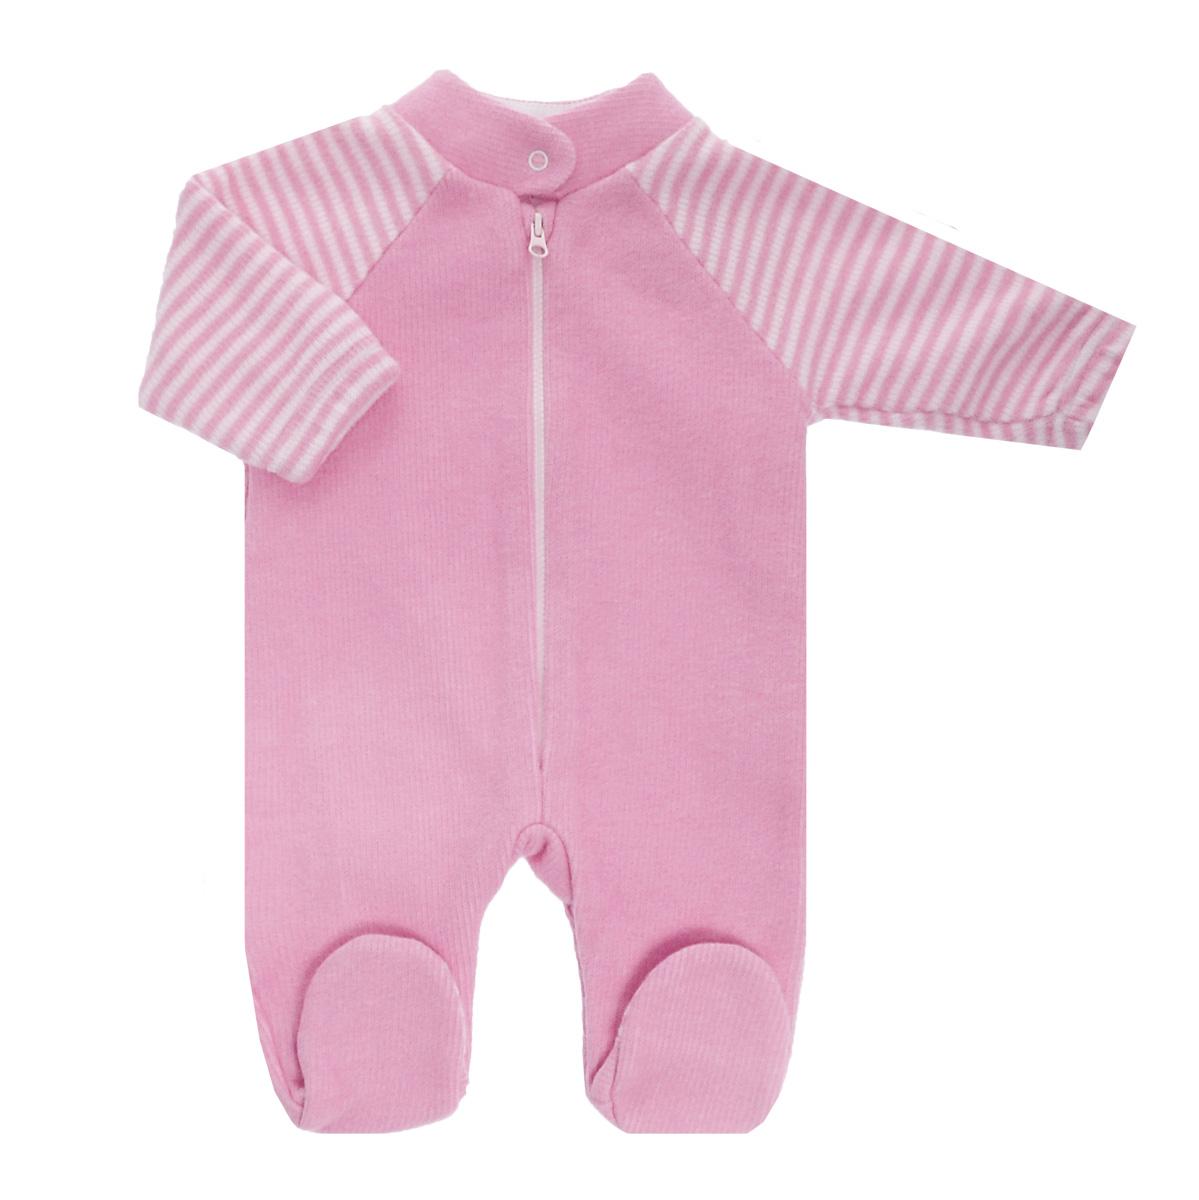 Комбинезон детский Lucky Child, цвет: розовый, белая полоска. 4-14. Размер 56/624-14Детский вязаный комбинезон Lucky Child - очень удобный и практичный вид одежды для малышей. Комбинезон выполнен из натурального хлопка, на подкладке также используется натуральный хлопок, благодаря чему он необычайно мягкий и приятный на ощупь, не раздражают нежную кожу ребенка и хорошо вентилируются, а эластичные швы приятны телу малыша и не препятствуют его движениям. Комбинезон с воротником-стойкой, длинными рукавами-реглан и закрытыми ножками имеет пластиковую застежку-молнию по центру, которая помогает легко переодеть младенца. Воротничок застегивается на металлическую кнопку. Рукава понизу дополнены неширокими эластичными манжетами, не перетягивающими запястья. С детским комбинезоном Lucky Child спинка и ножки вашего малыша всегда будут в тепле. Комбинезон полностью соответствует особенностям жизни младенца в ранний период, не стесняя и не ограничивая его в движениях!